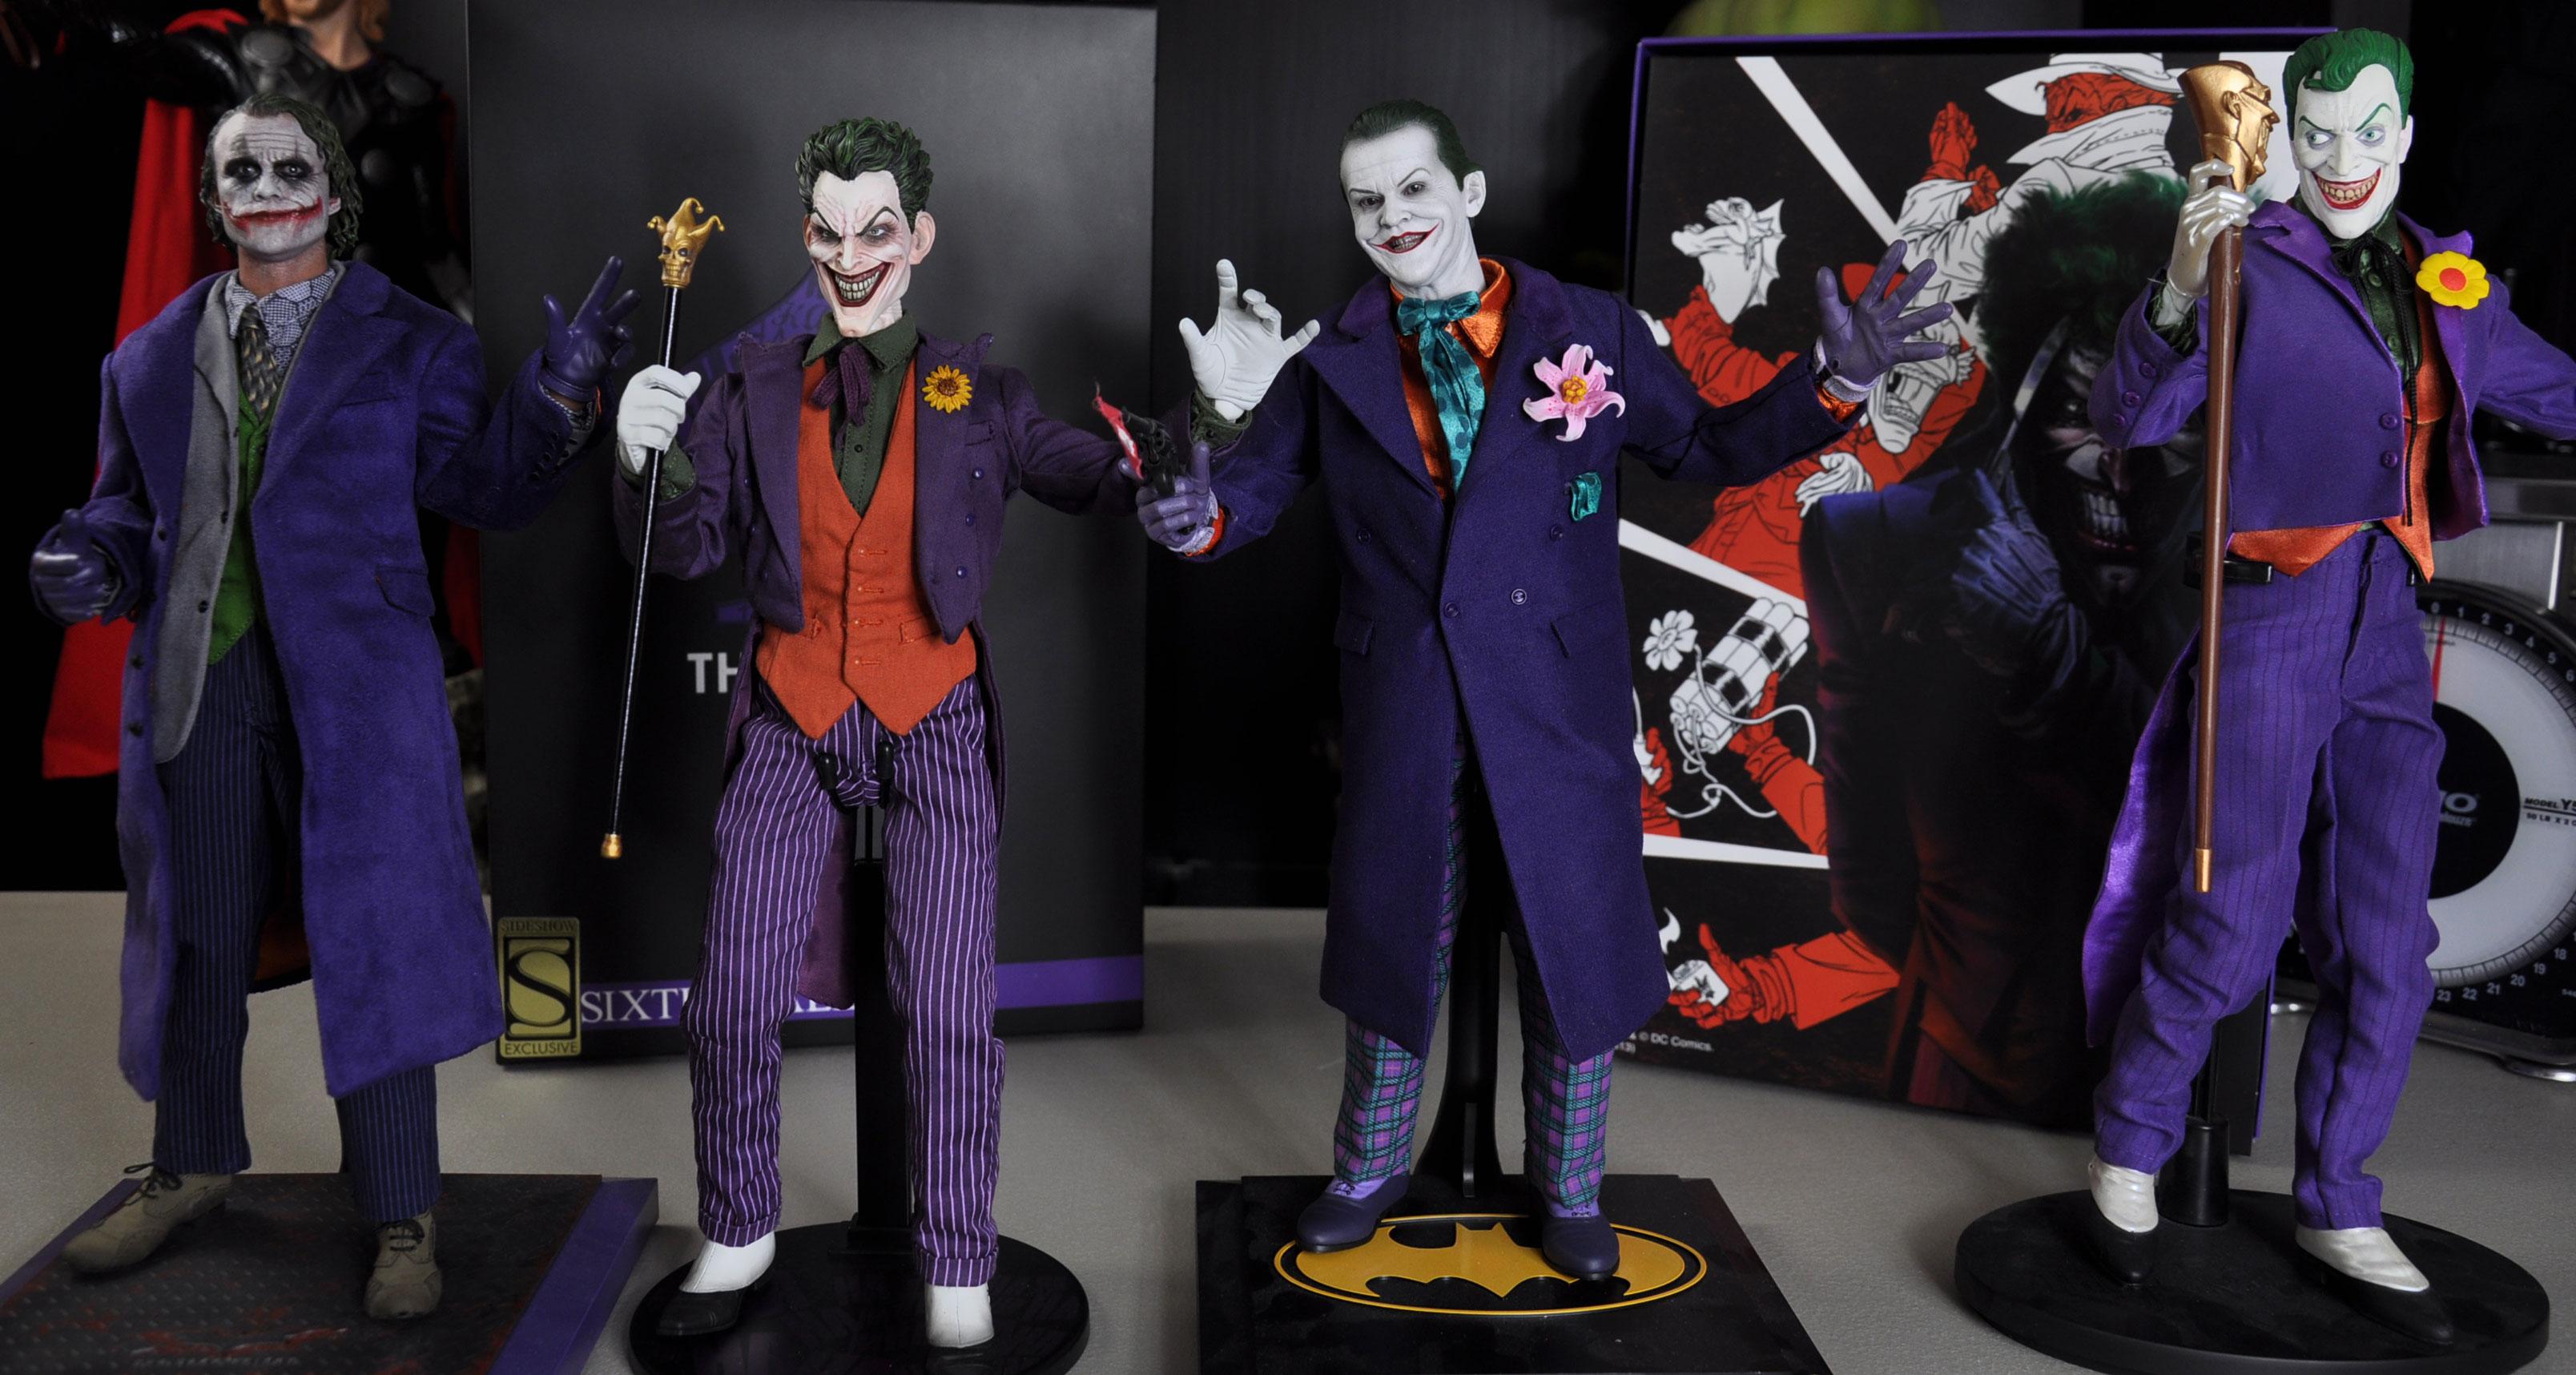 Sideshow S 1st Dc Comics 1 6 Action Figure The Clown